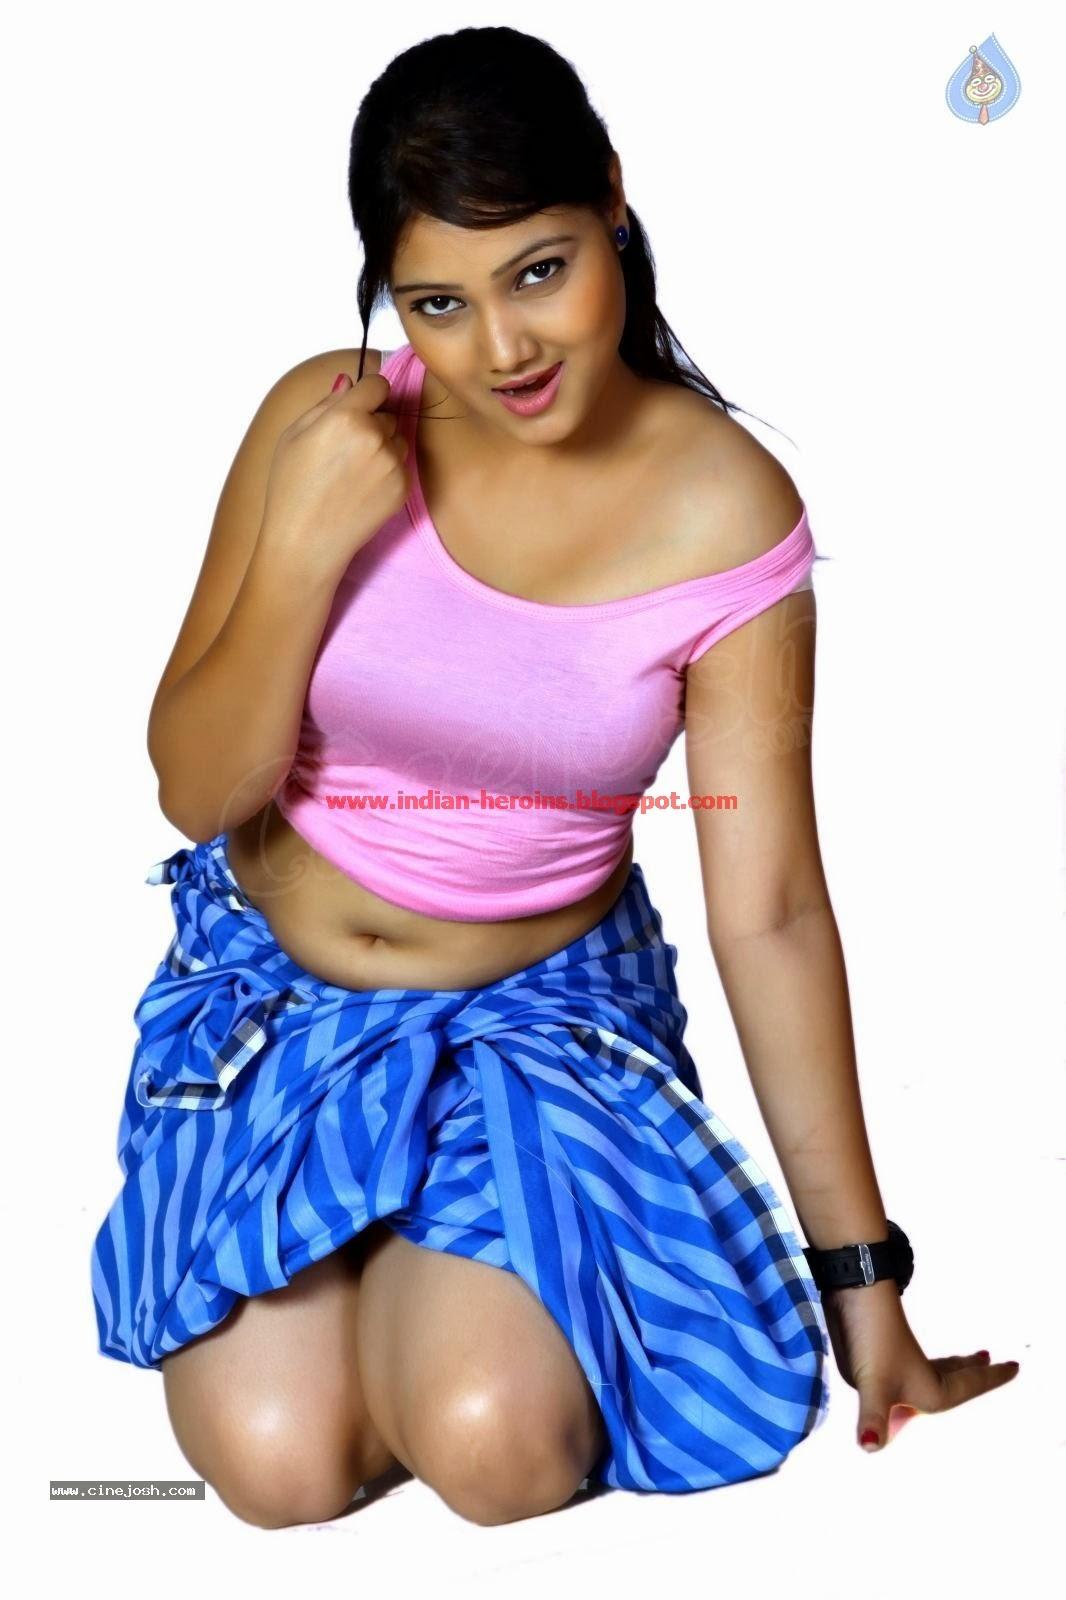 Telugu Tv Actress Priyanka Hot Navel And Boobs Showing -1189